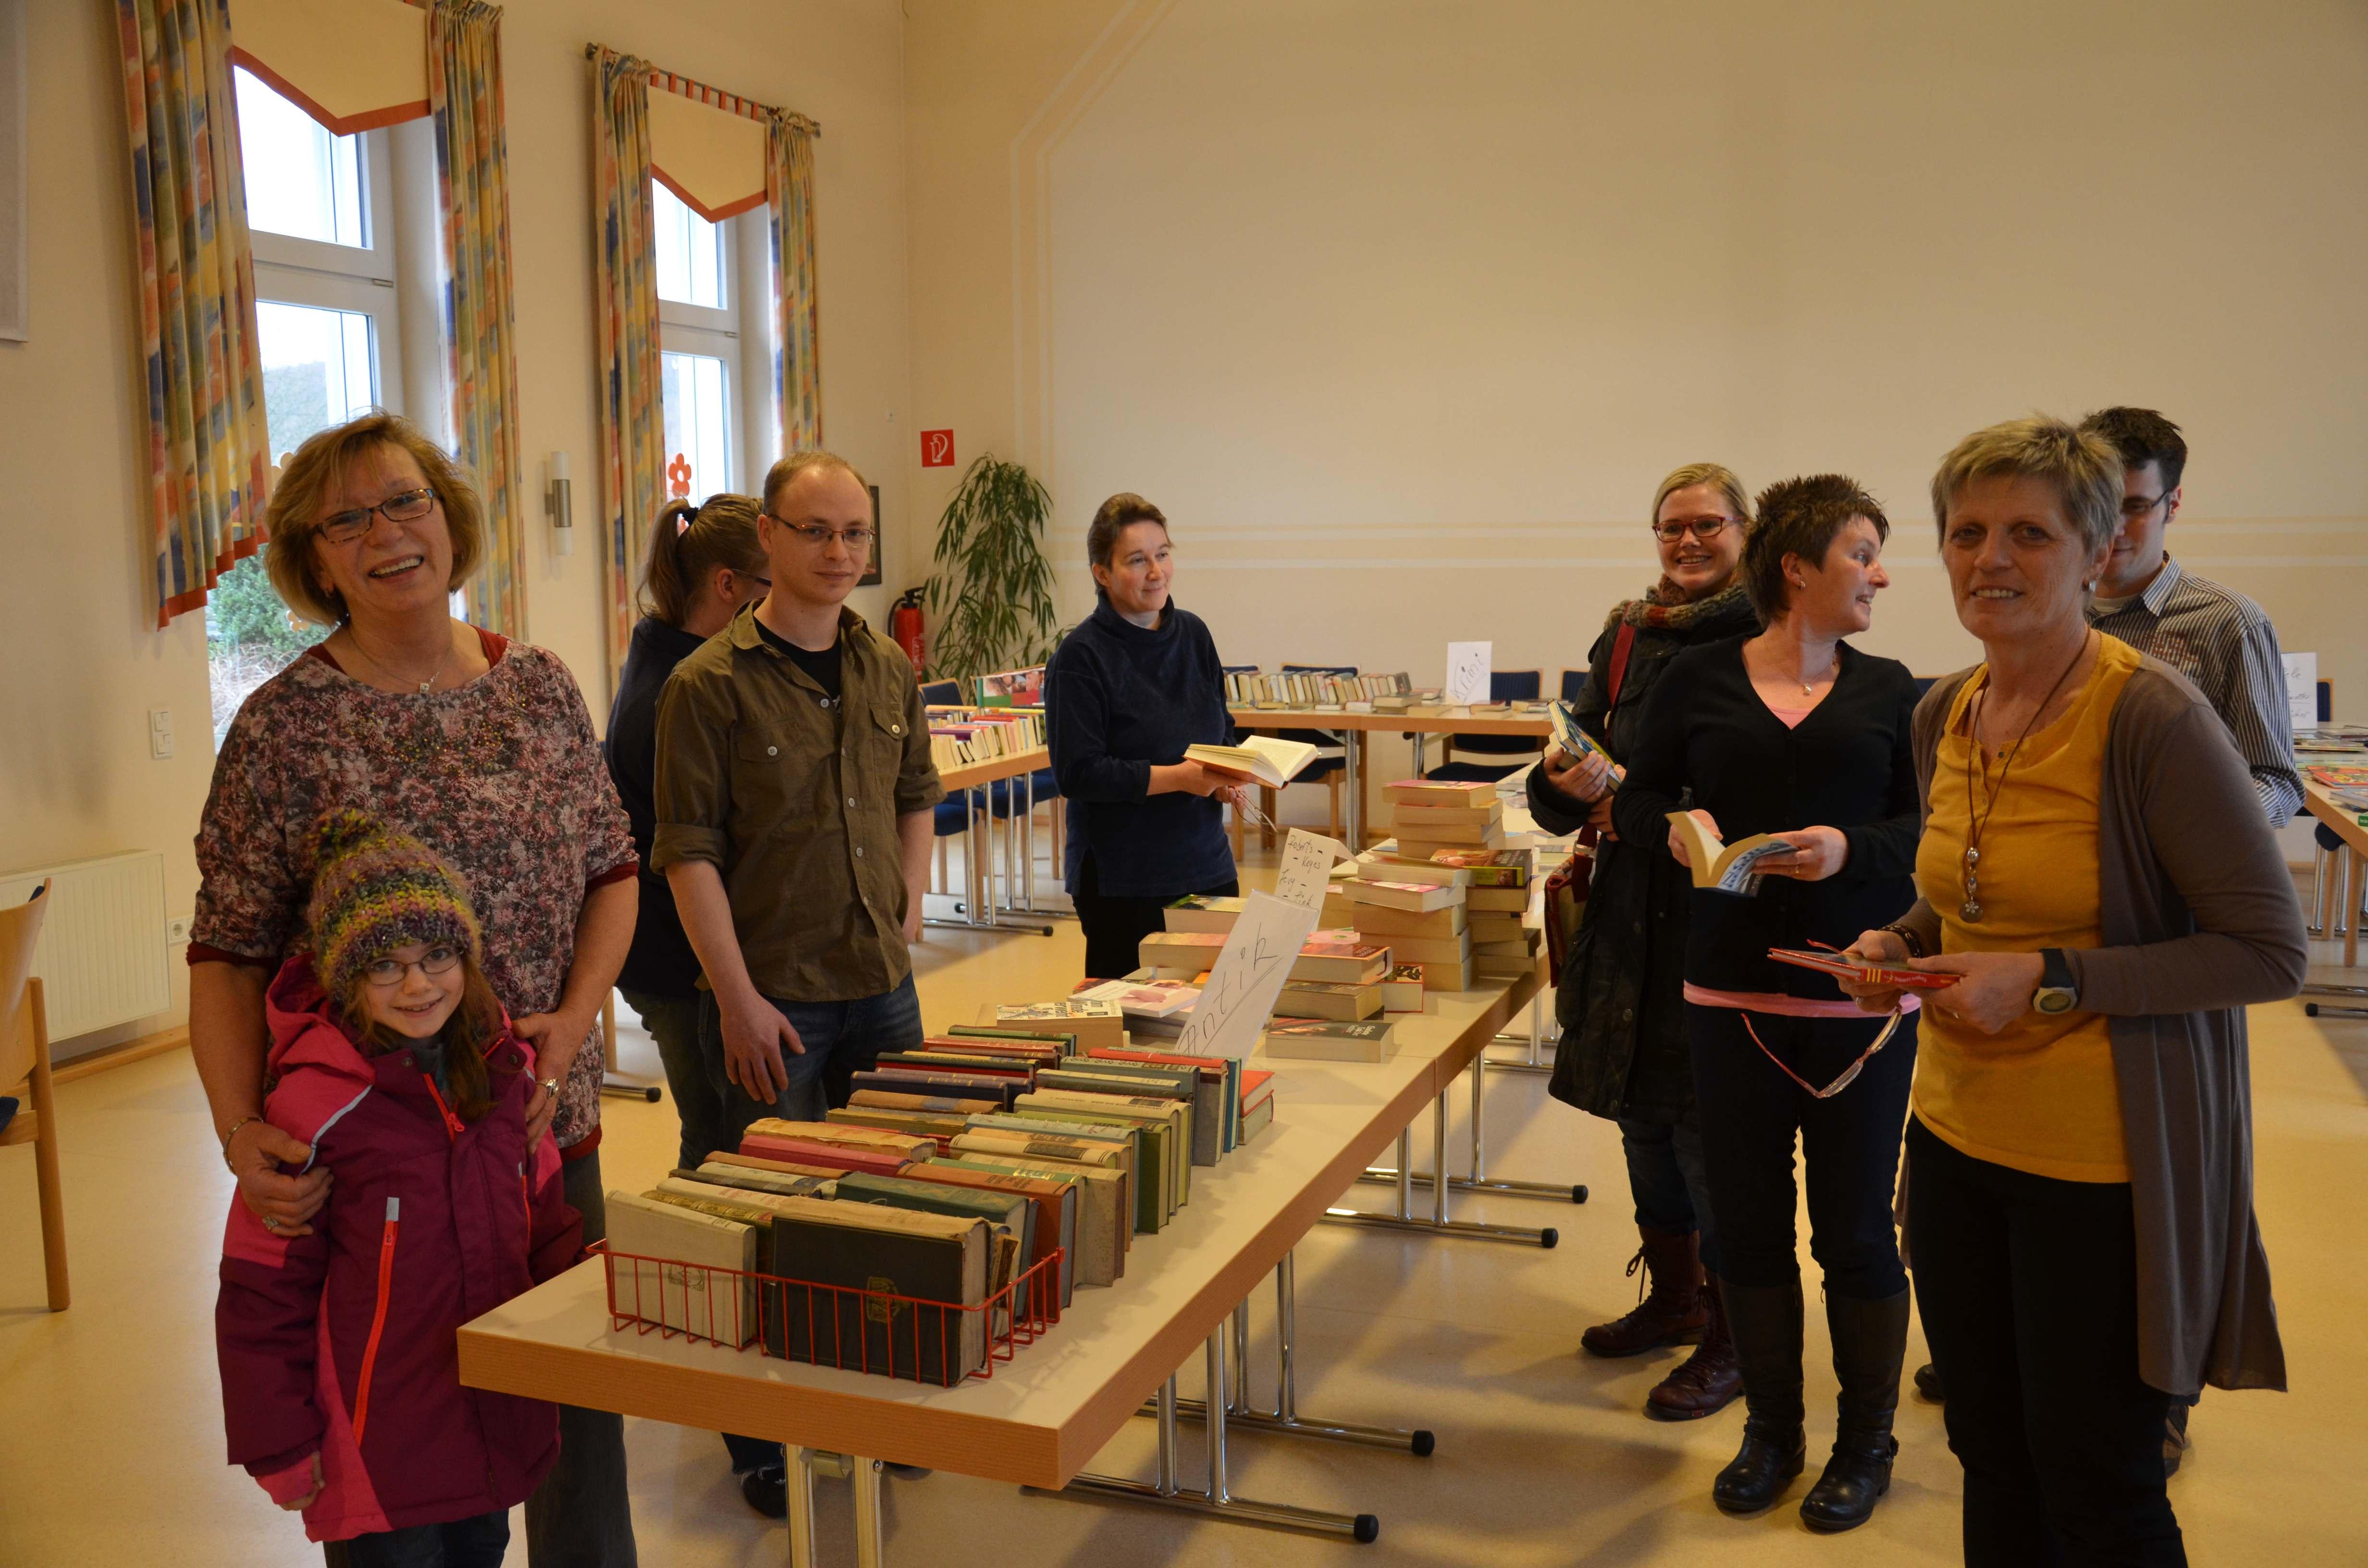 Bücherflohmarkt mit guter Resonanz – Zahlreiche Familien mit Kindern stöberten im Haus Cäcilia